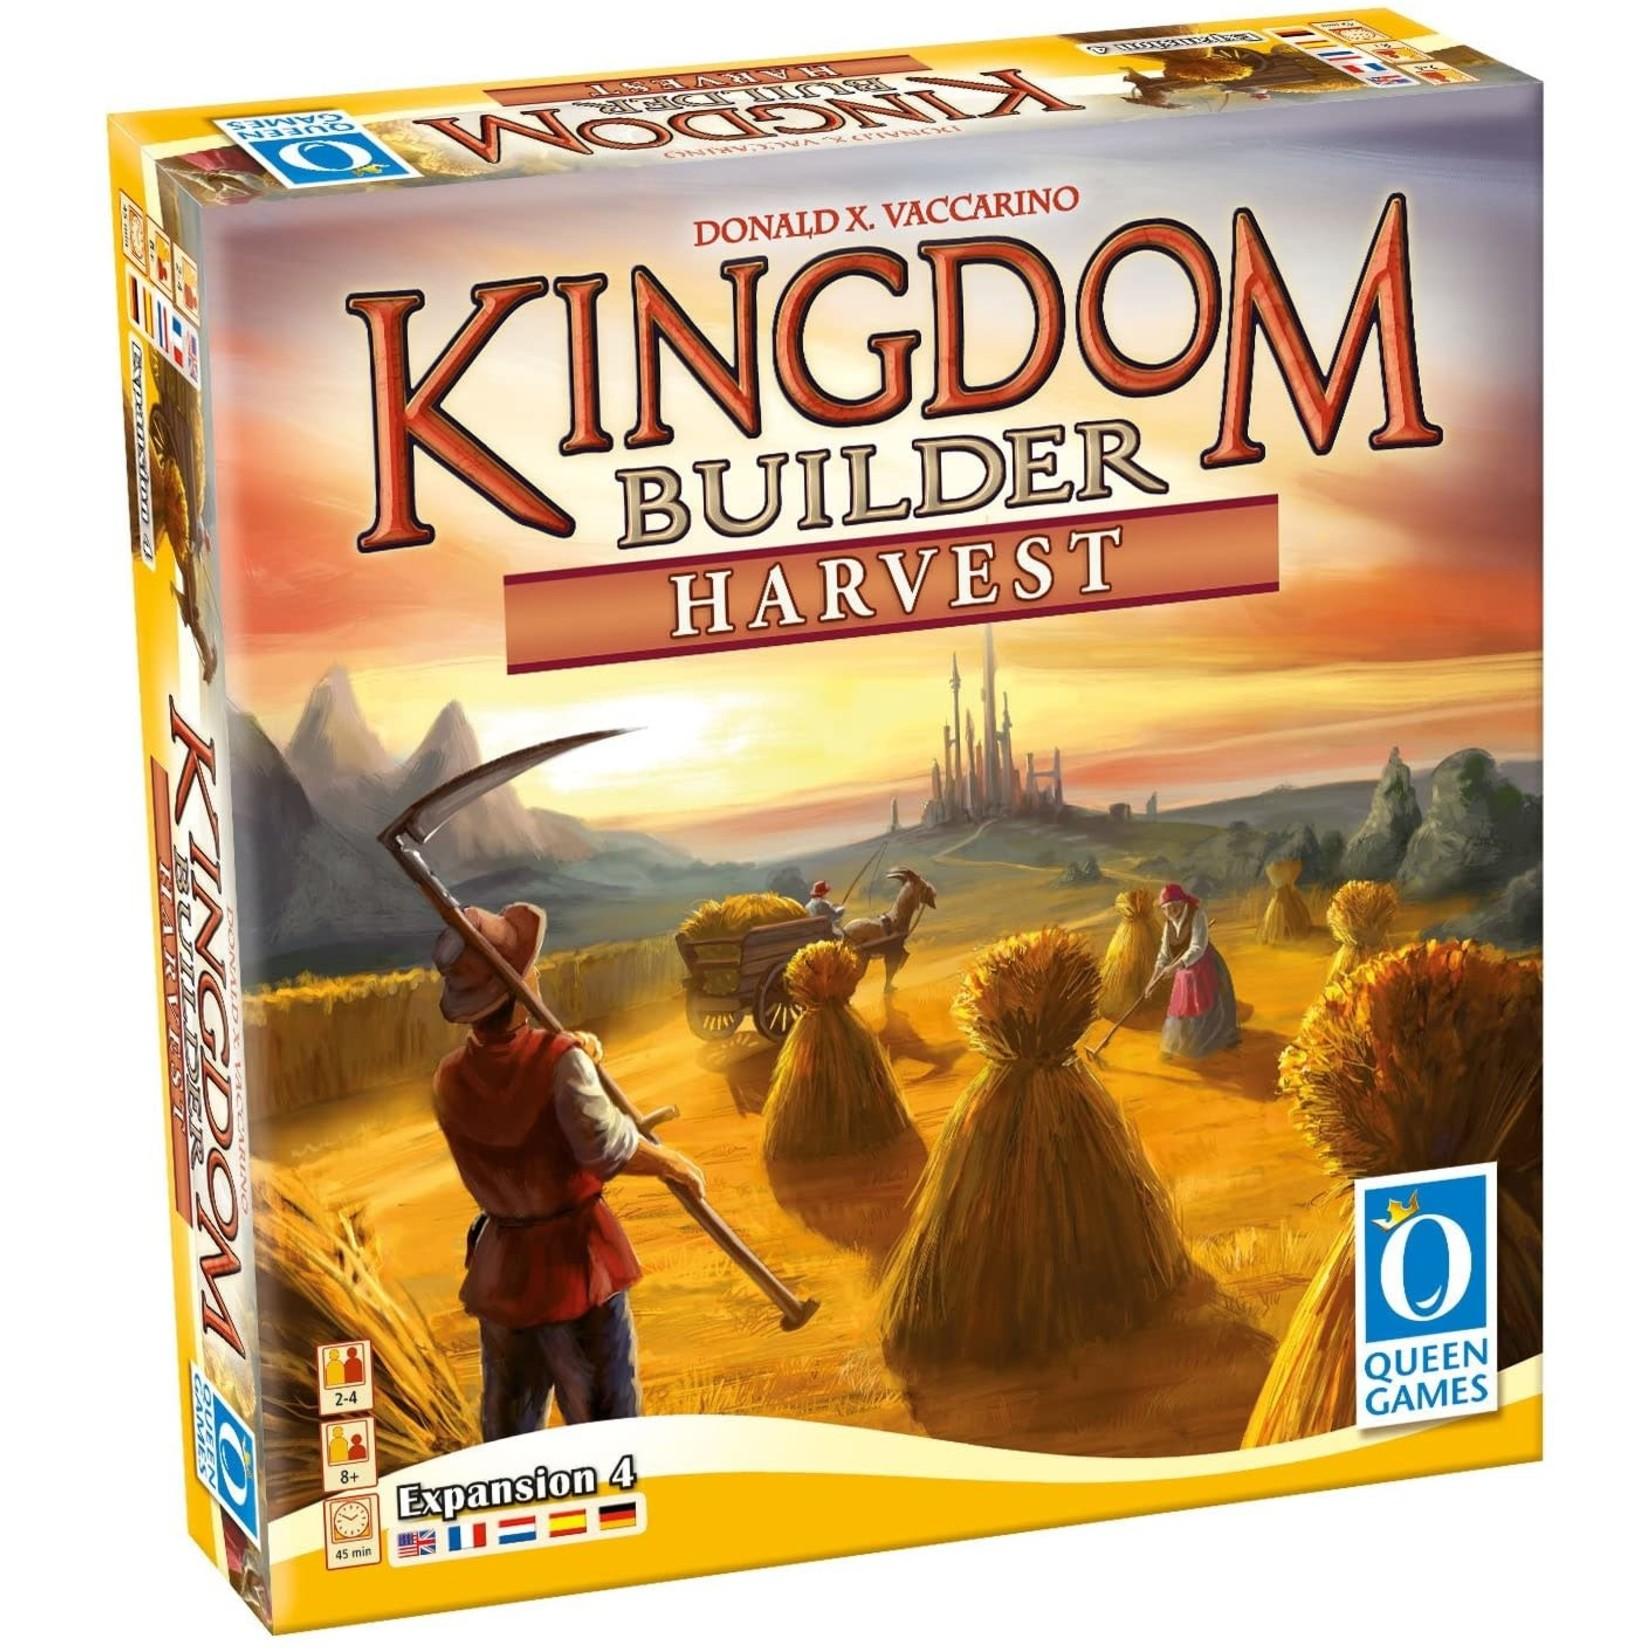 Kingdom Builder Harvest Expansion